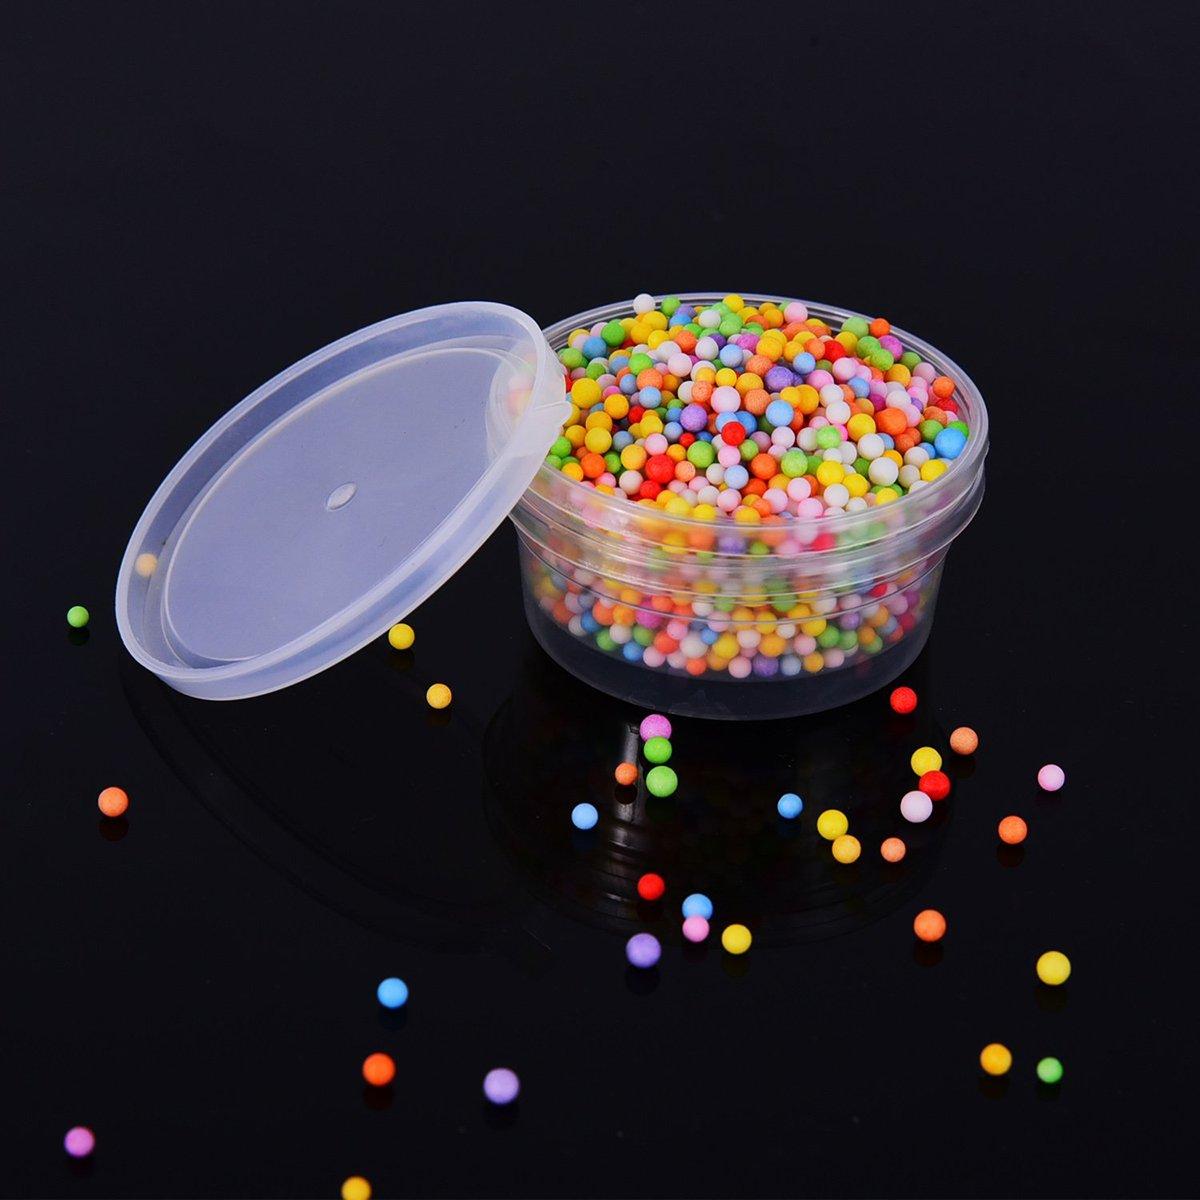 mit Deckel Knete Ultnice kleine Plastikbeh/älter zur Aufbewahrung von Kunststoff-Kugeln Kunstschleim 15 St/ück f/ür je 20/g Knetmasse